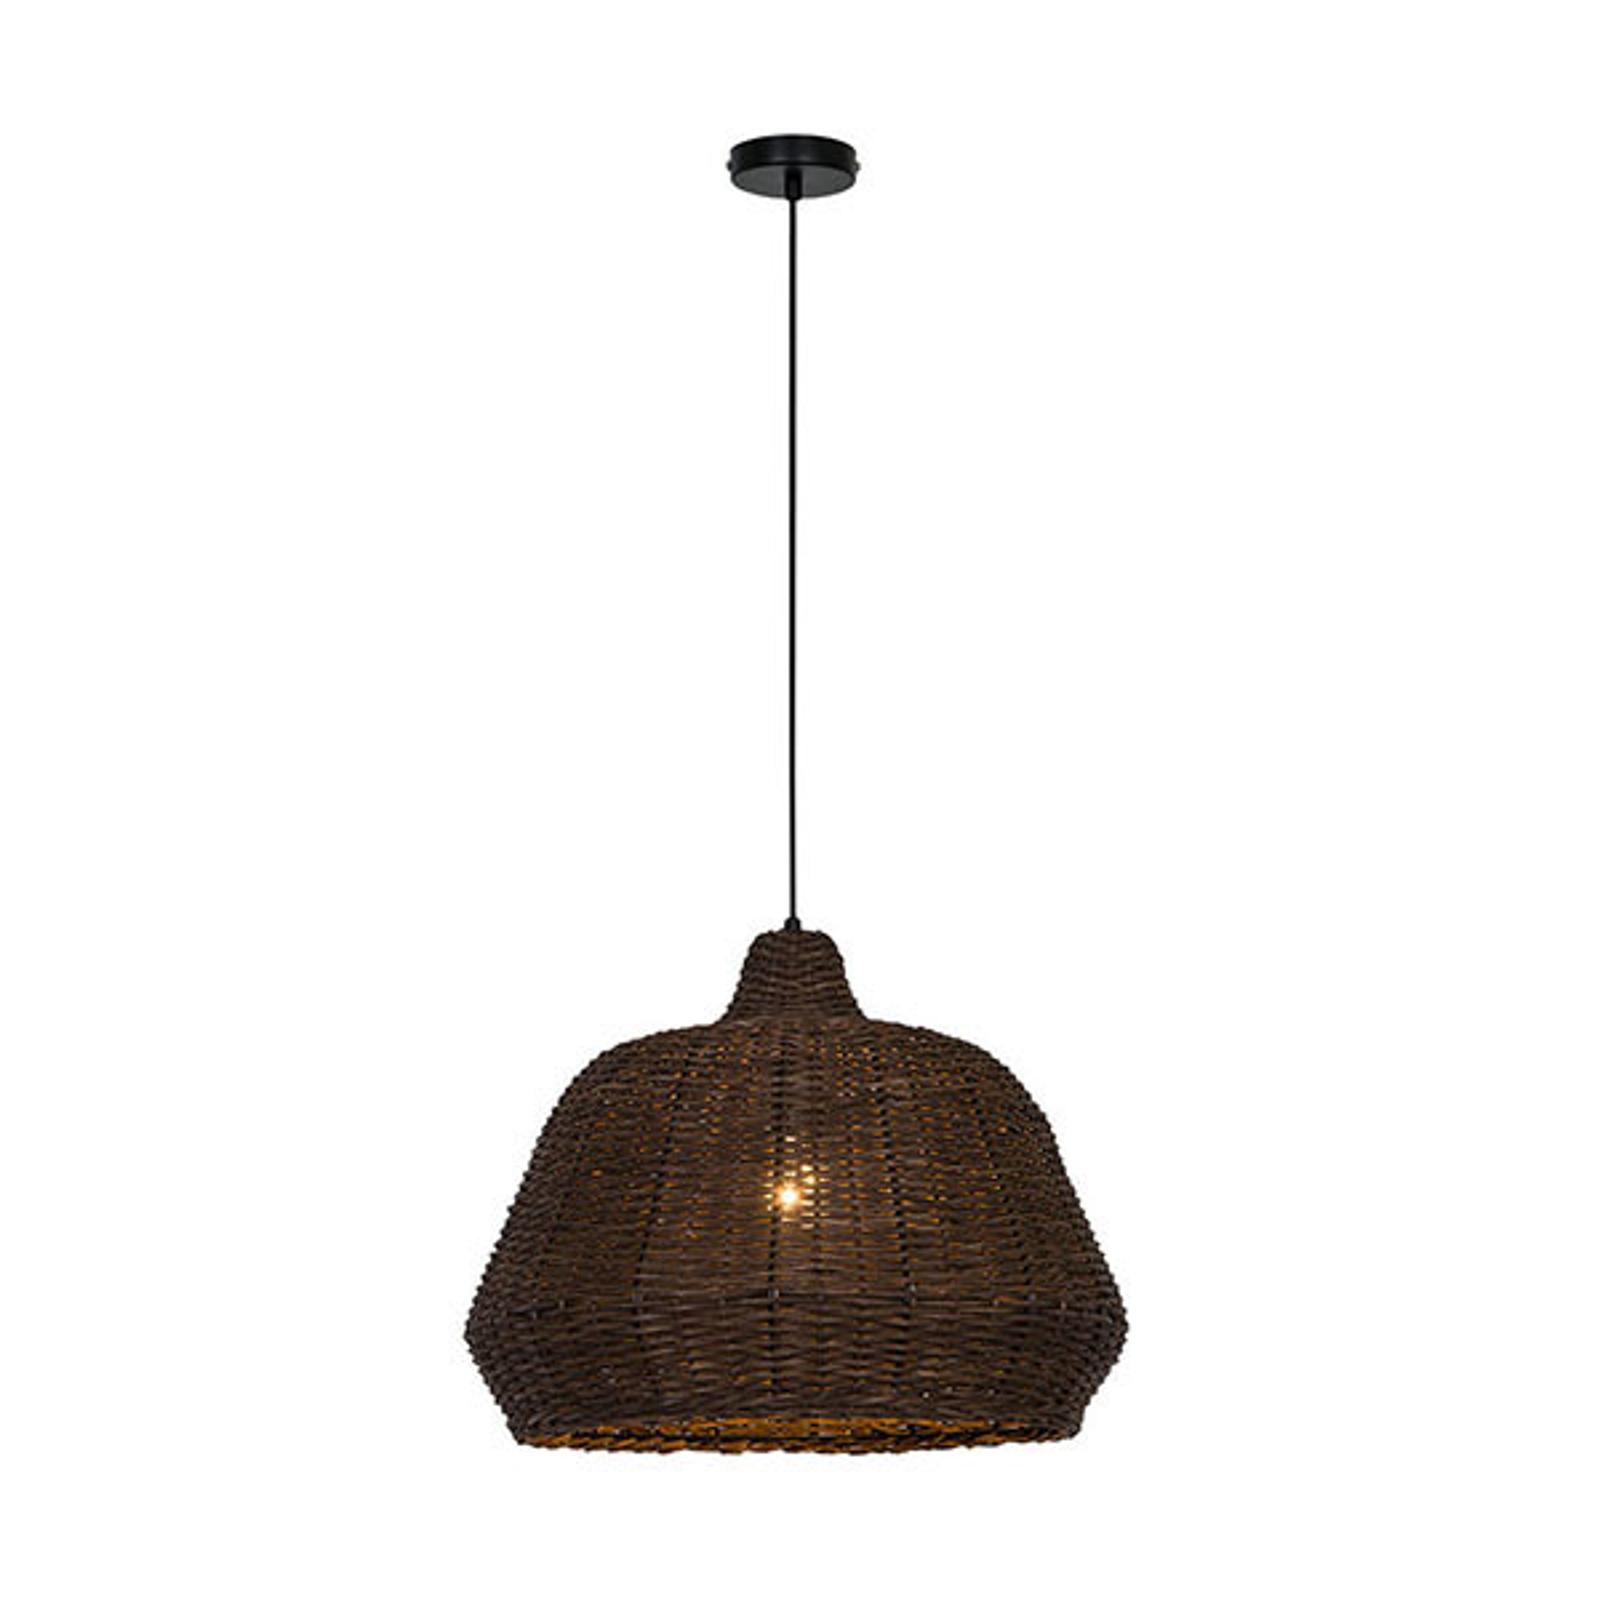 Lampa wisząca Malibu z drewna, brązowa